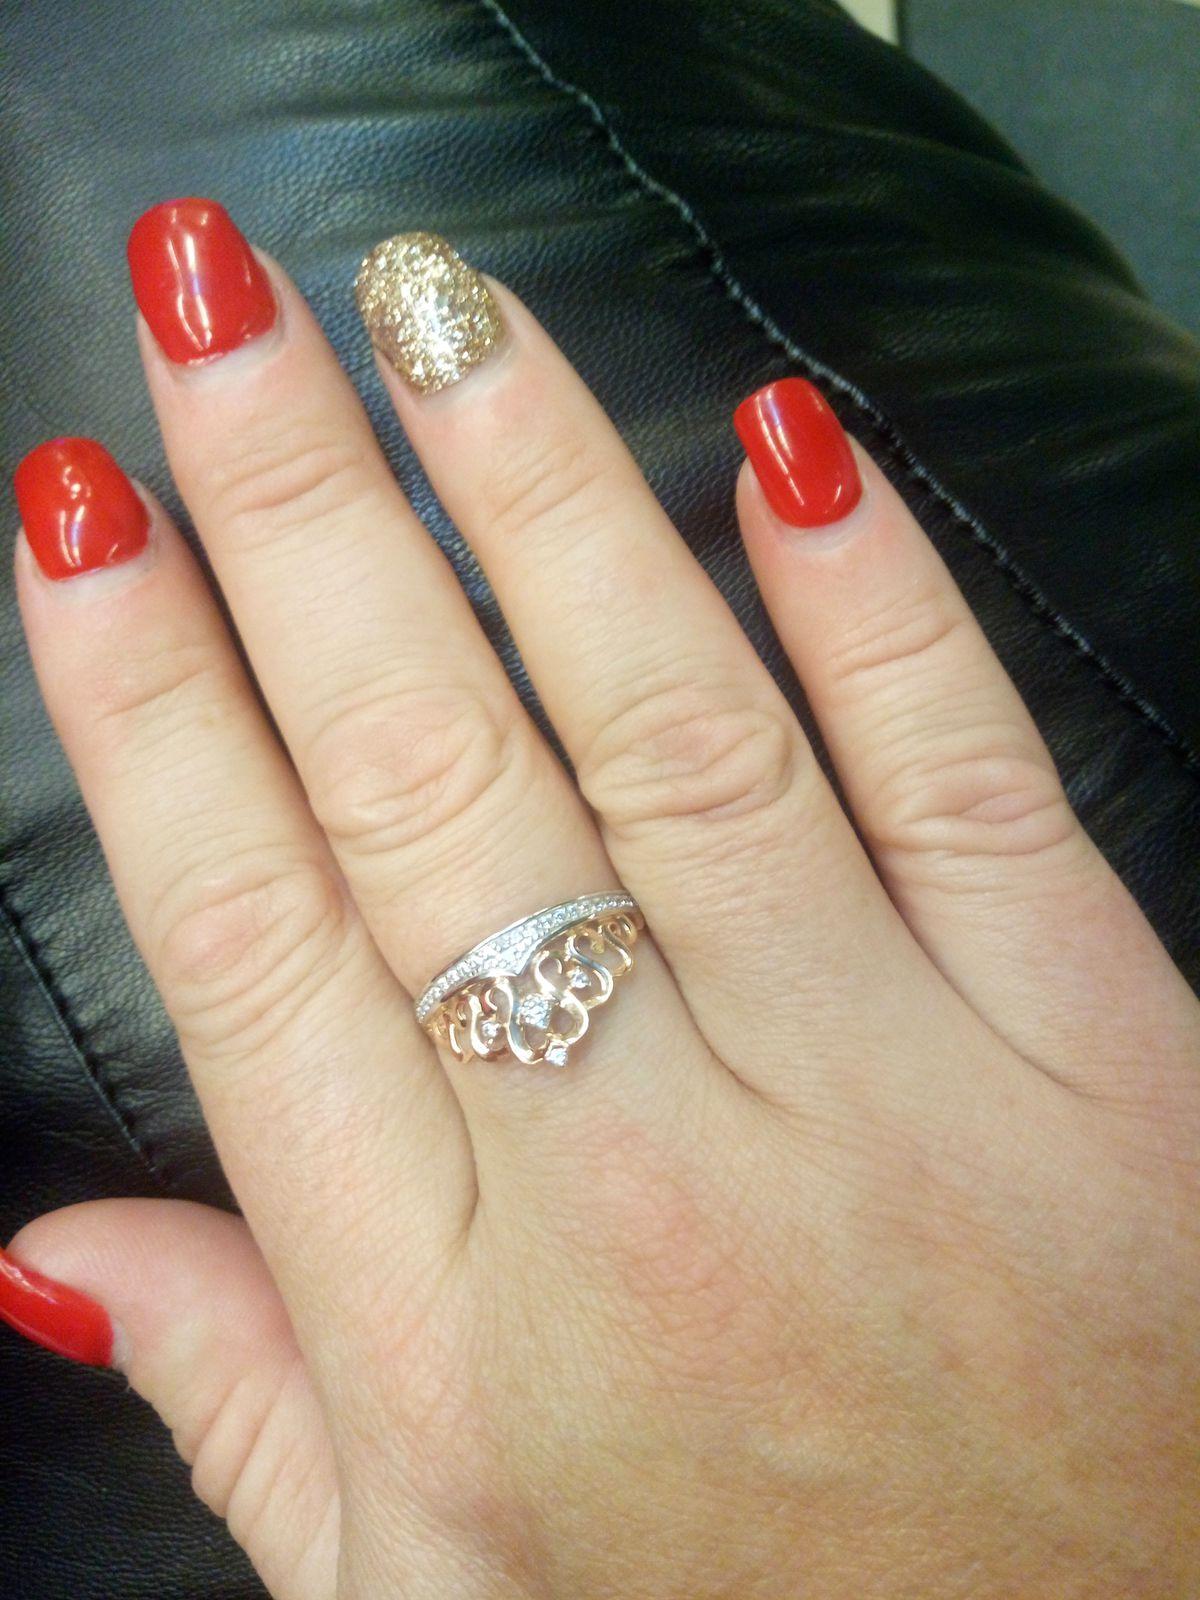 Колечко мечтана пальчике очень красиво и богато. Я очень рада этой покупк